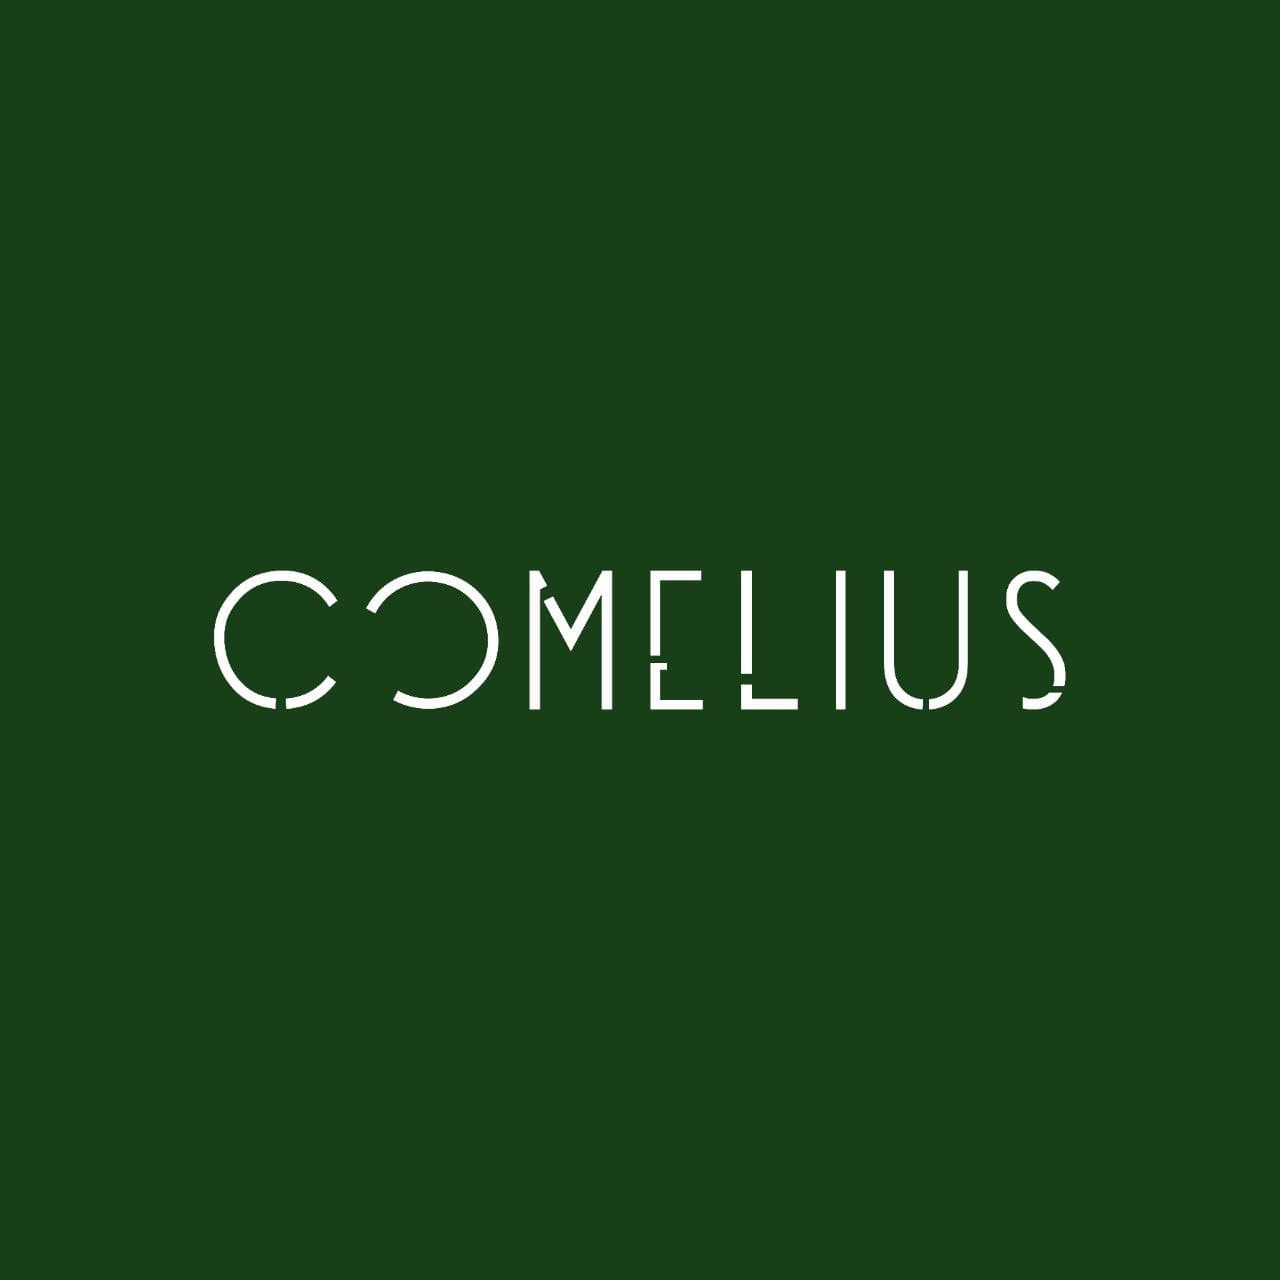 Comelius 2021 Landax